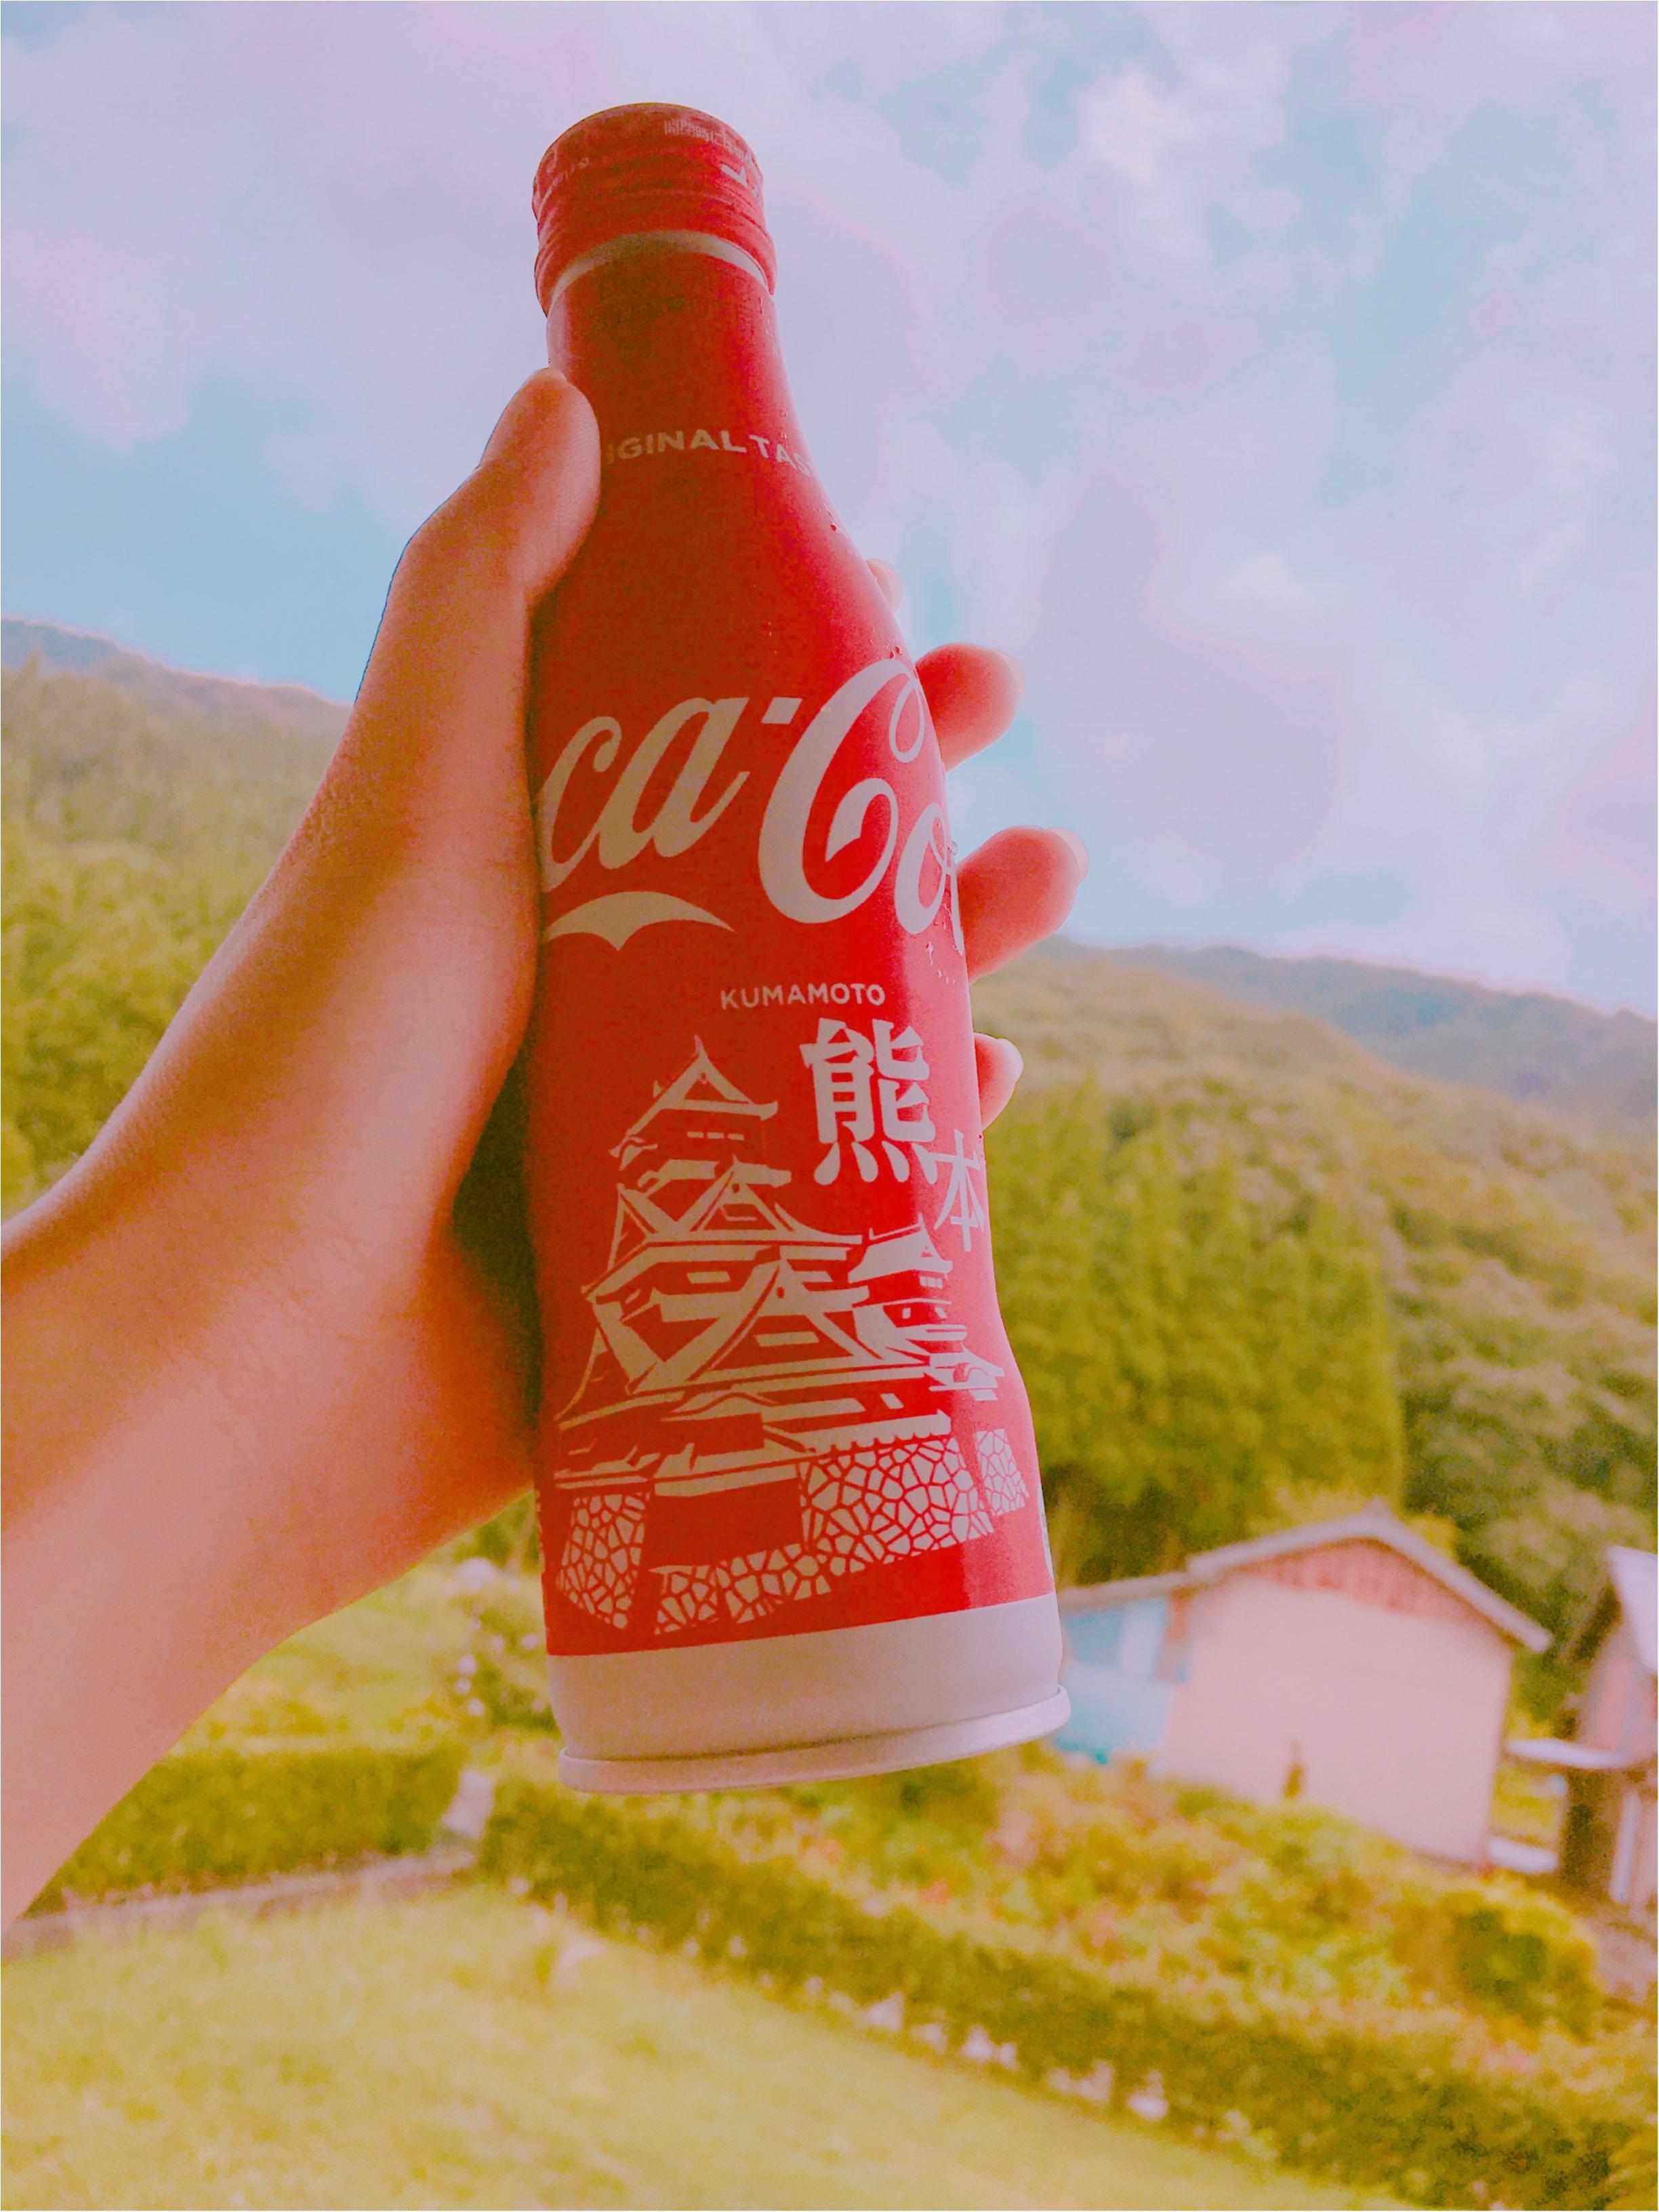 熊本城復興の寄付にもなるんです! 九州限定の「コカ・コーラ」スリムボトルを買いました!【#モアチャレ 熊本の魅力発信!】_1